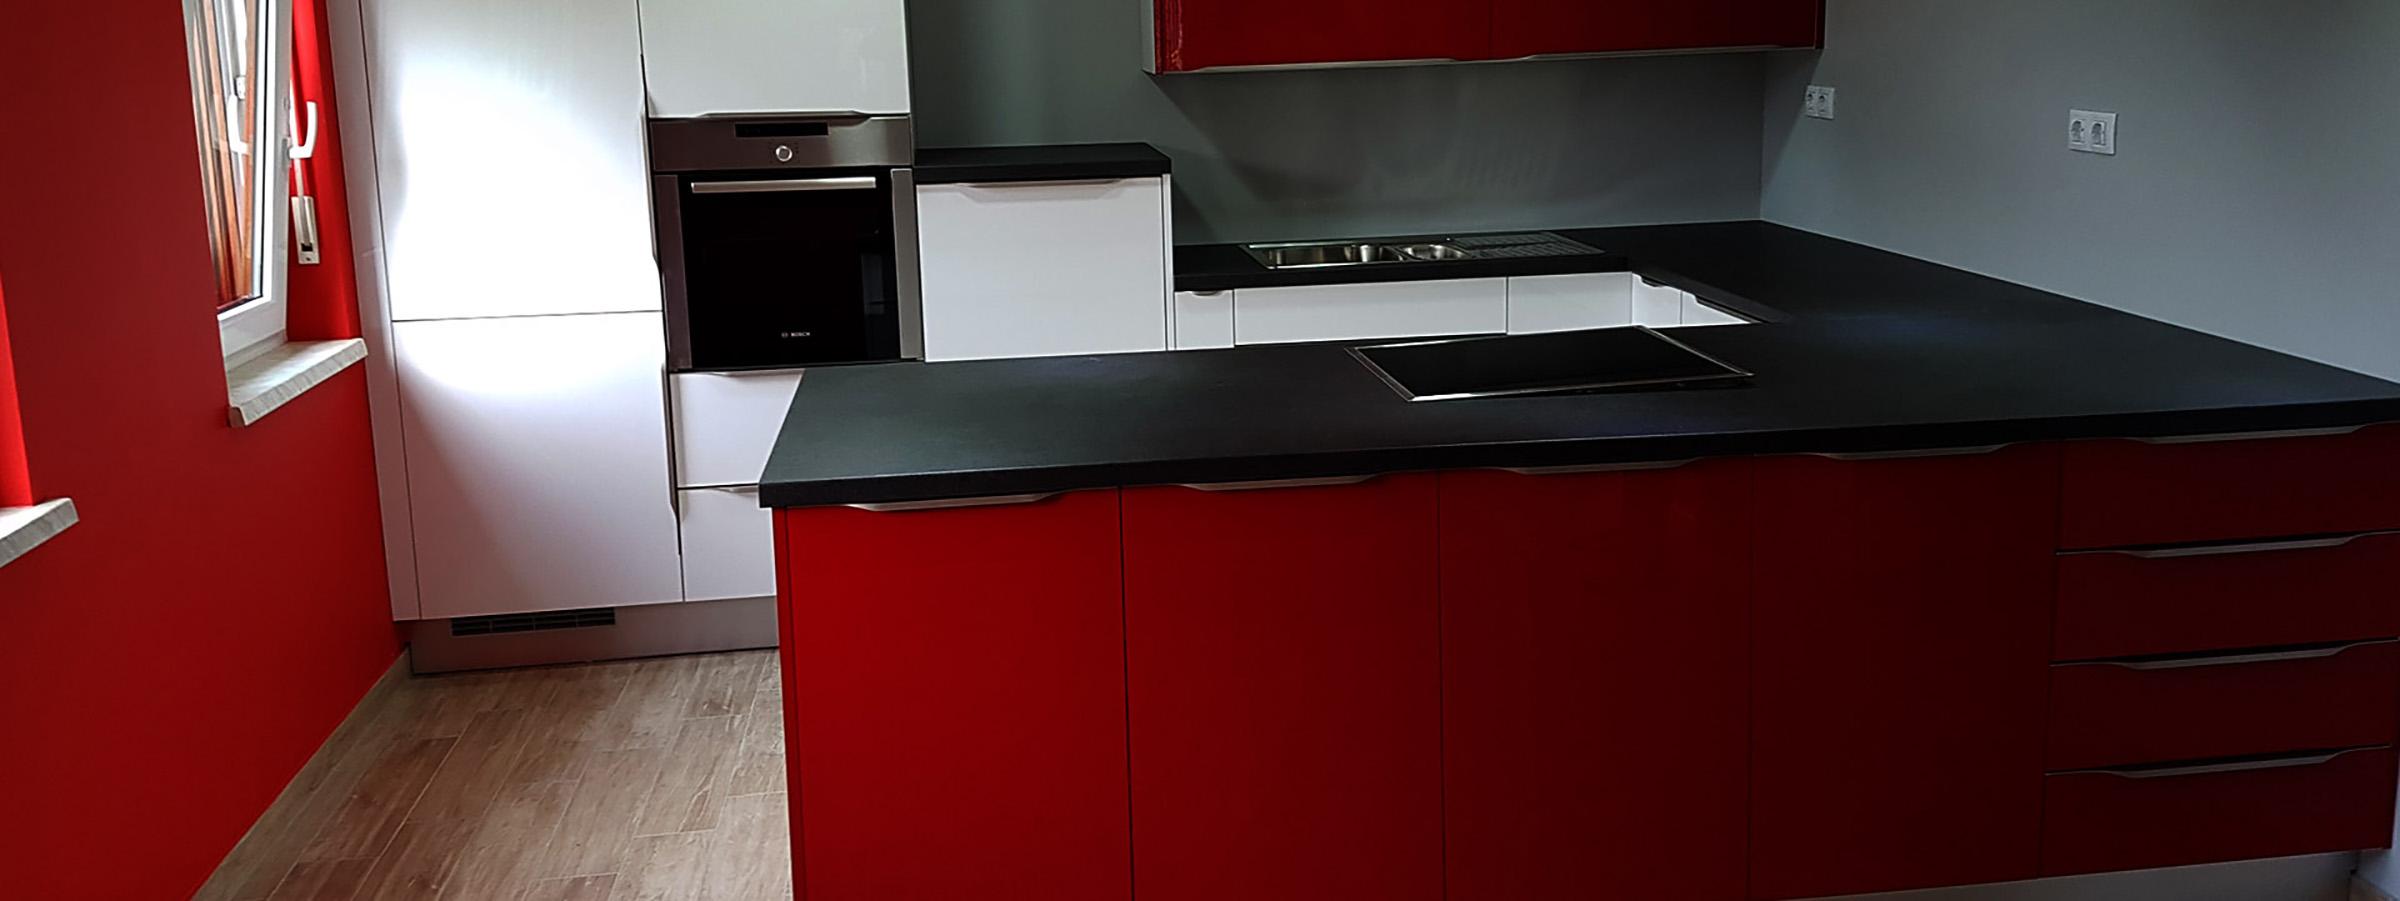 Nudimo vam celovite rešitve pri opremljanju vašega doma, smo specializirani za proizvodnjo izdelkov po meri oziroma po vaših zahtevah.